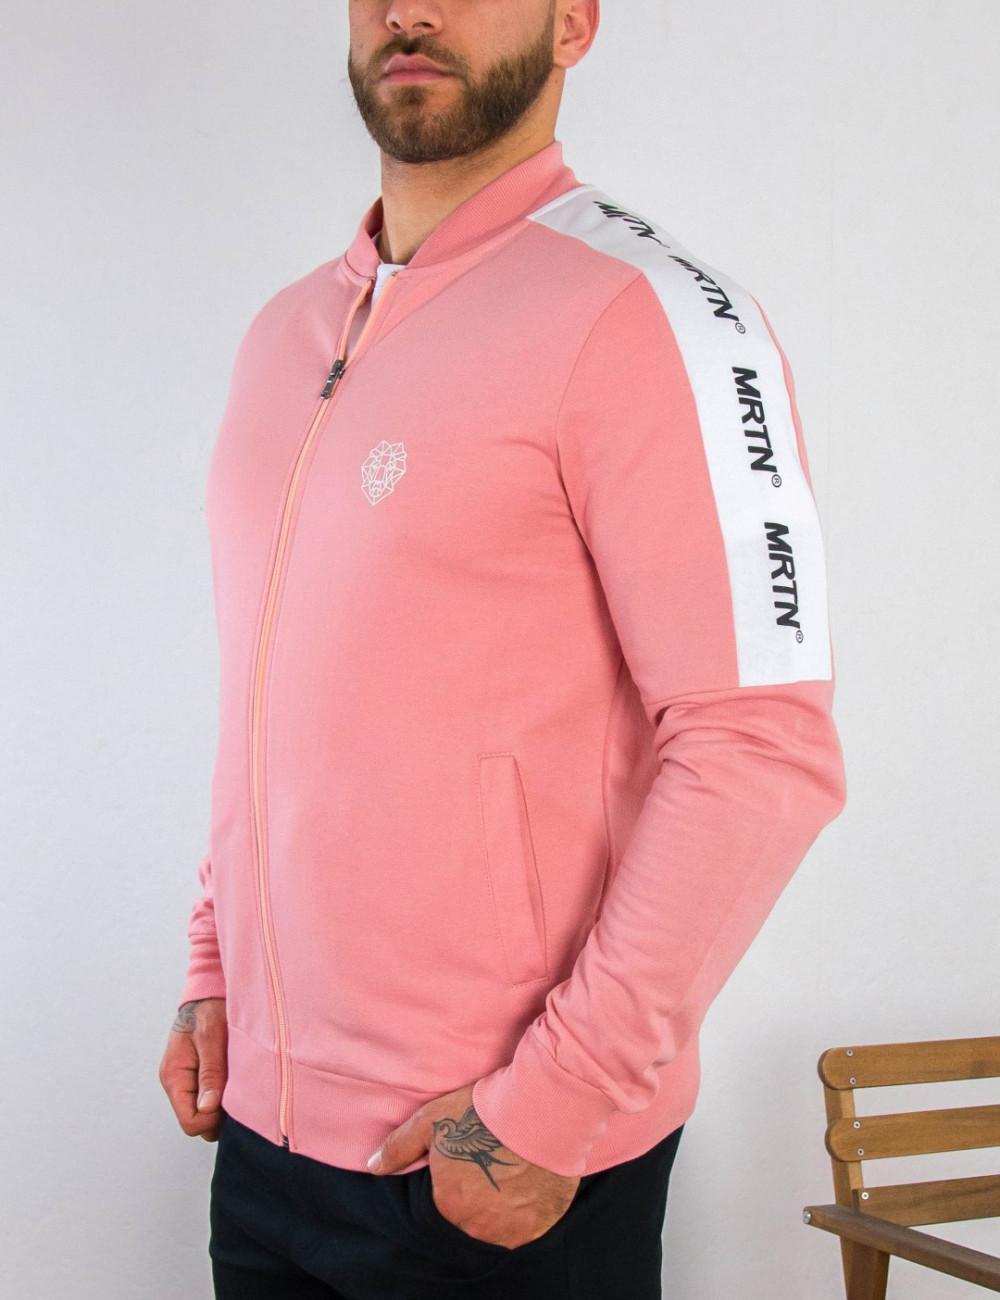 Ανδρική ροζ ζακέτα με σχέδιο Martini 10909R